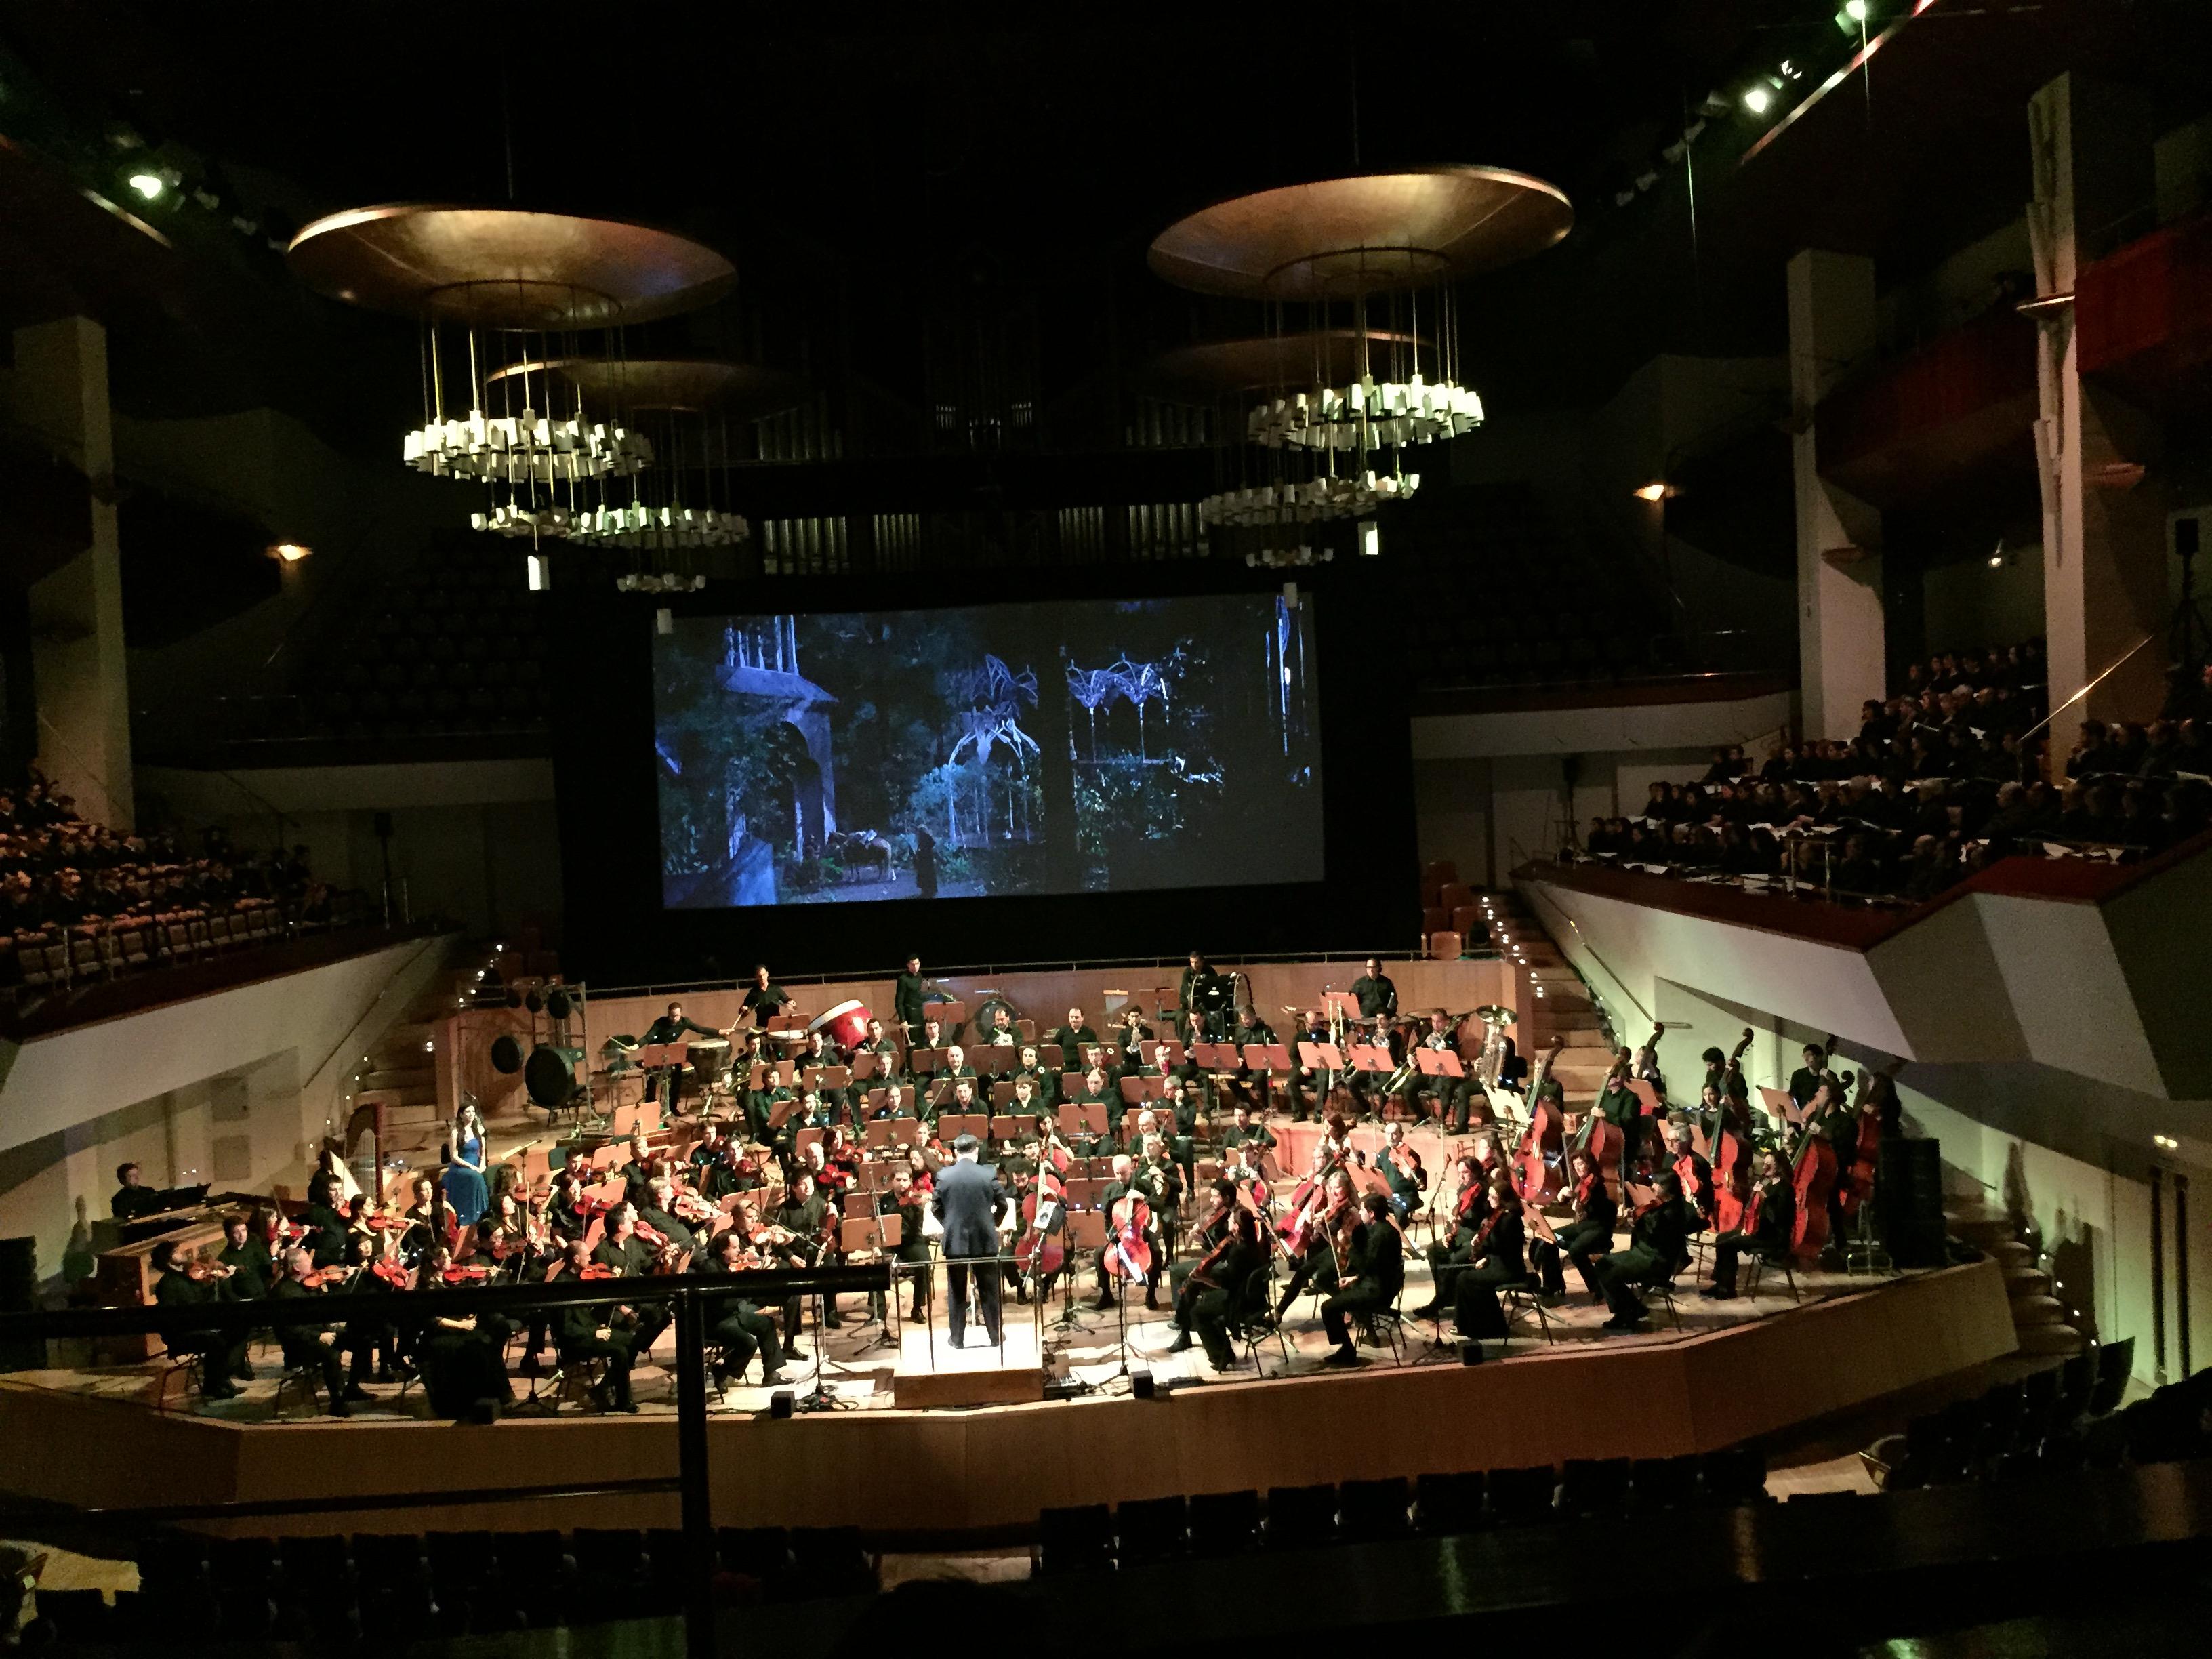 Gala de Amigos de la Ópera de Madrid: promesas y realidades